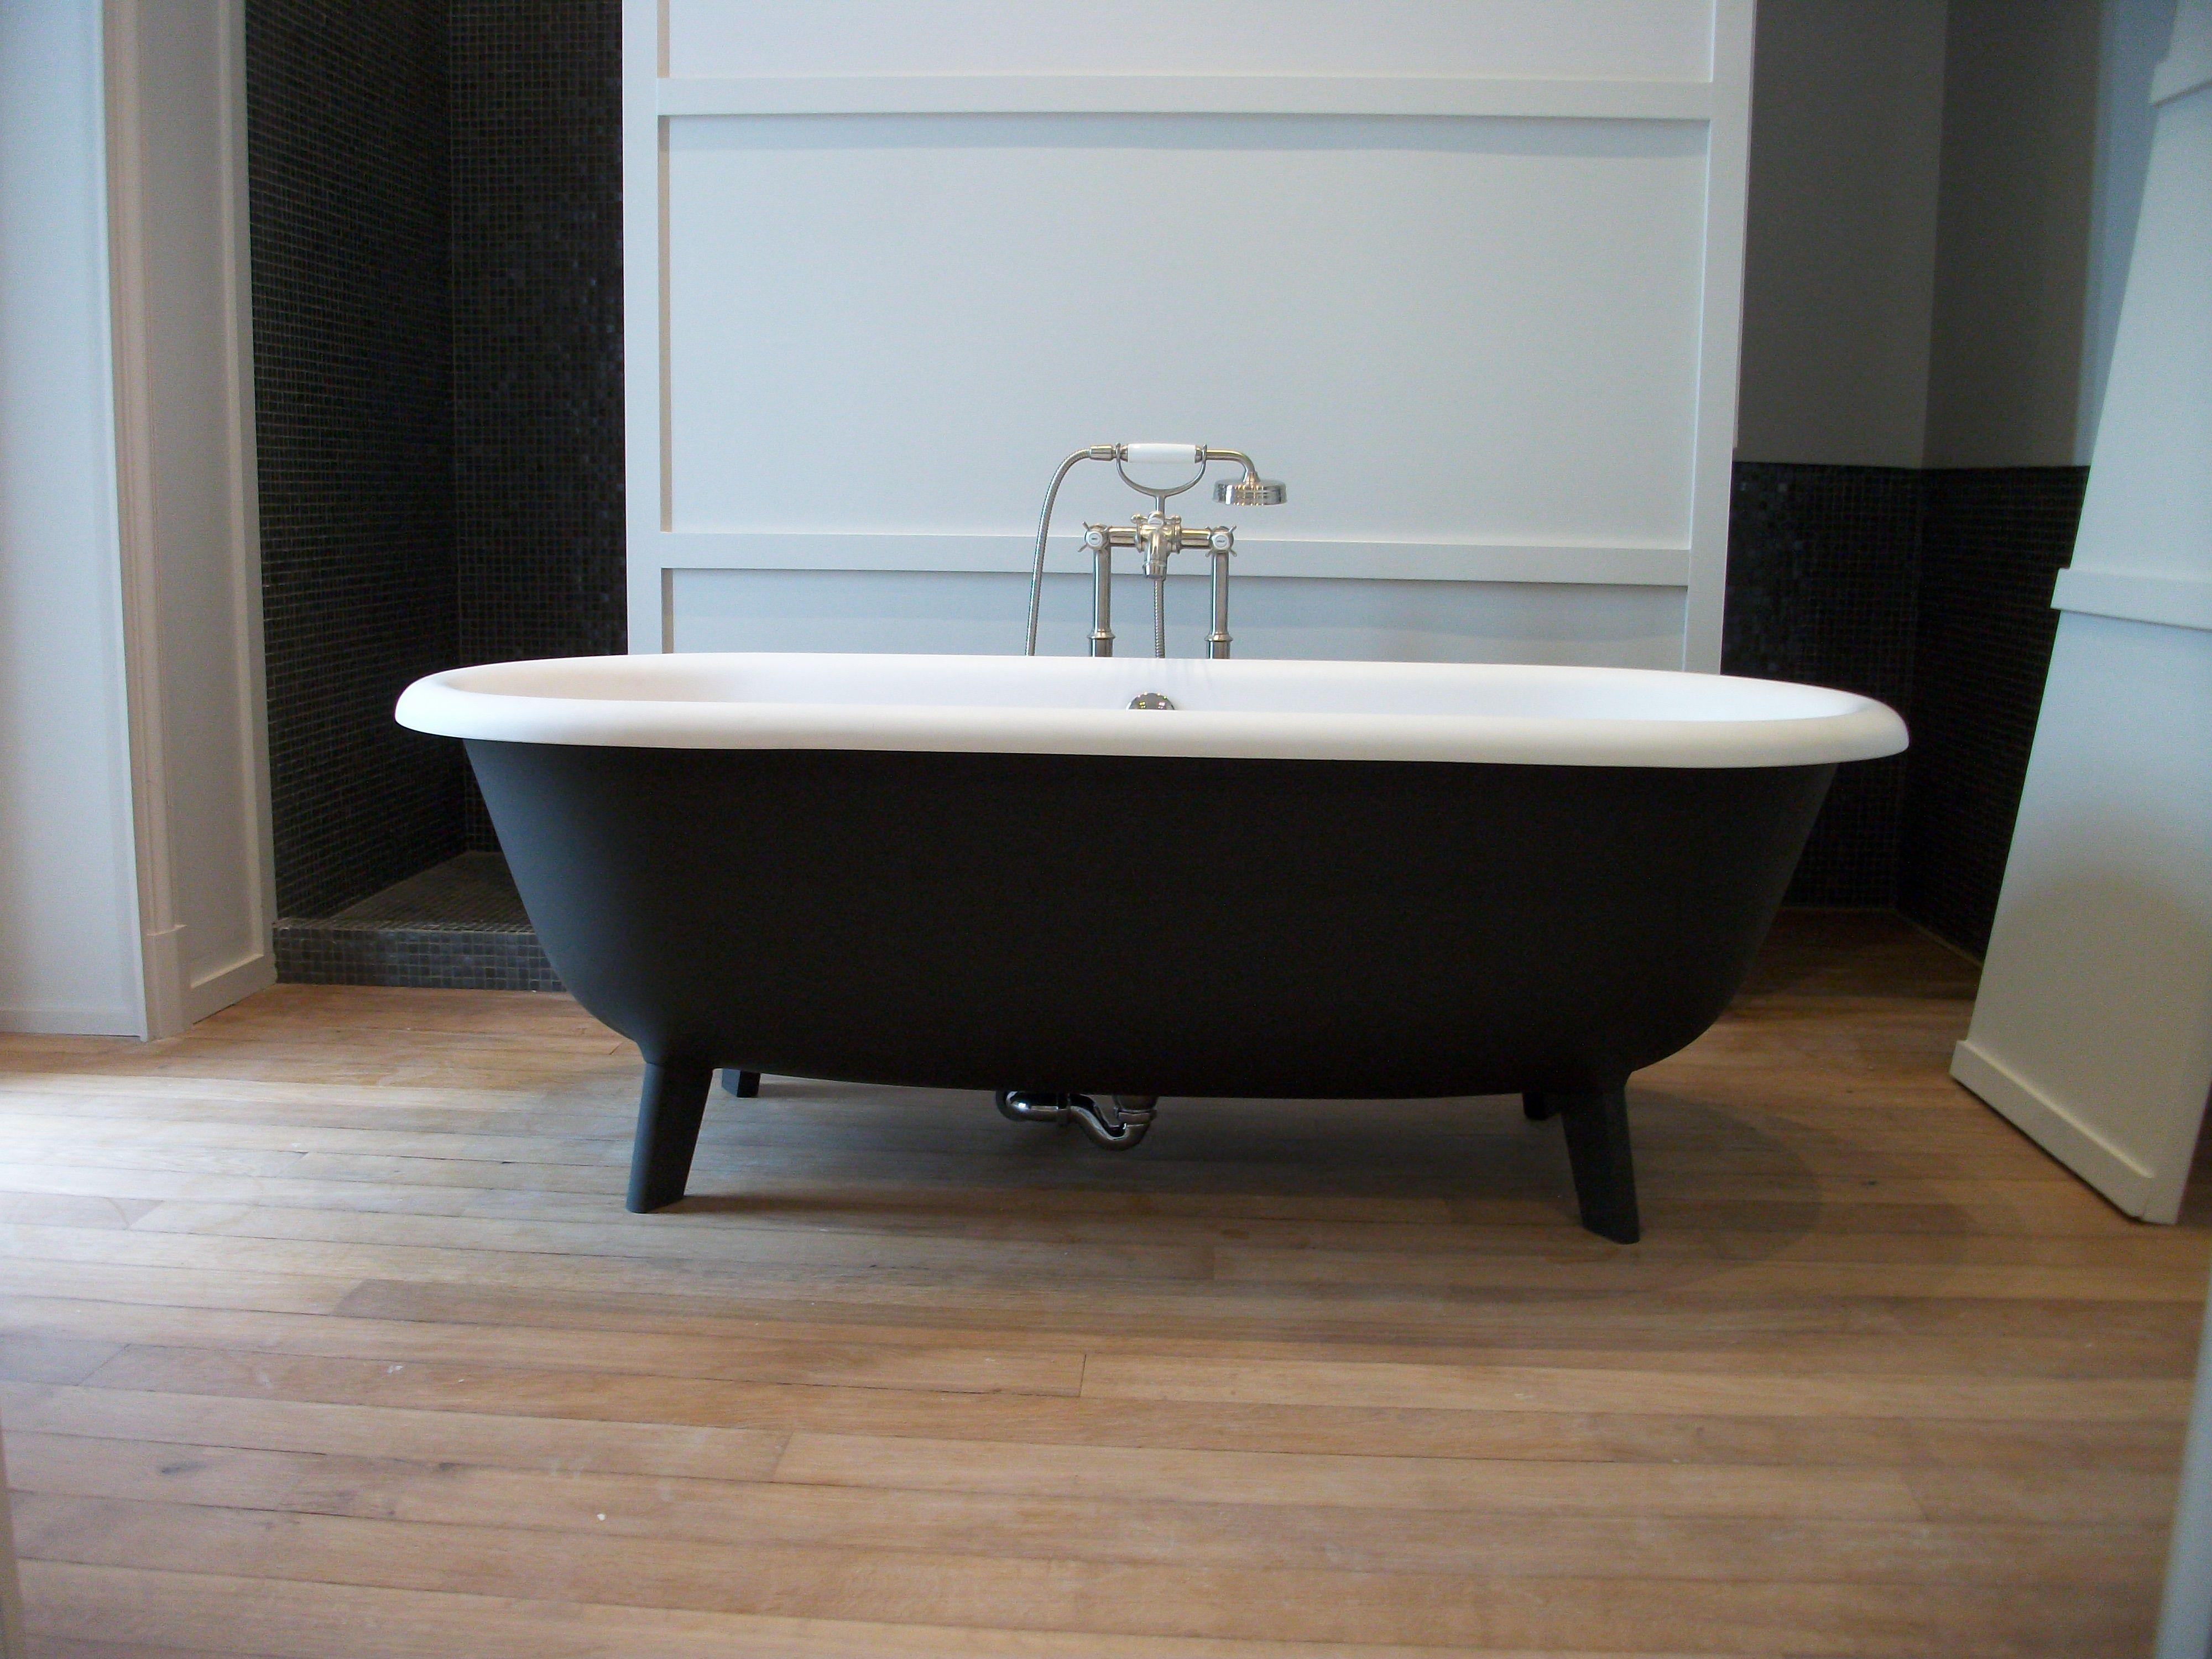 Baignoire Ottocento Agape et bain douche sur pied Axor Montreux